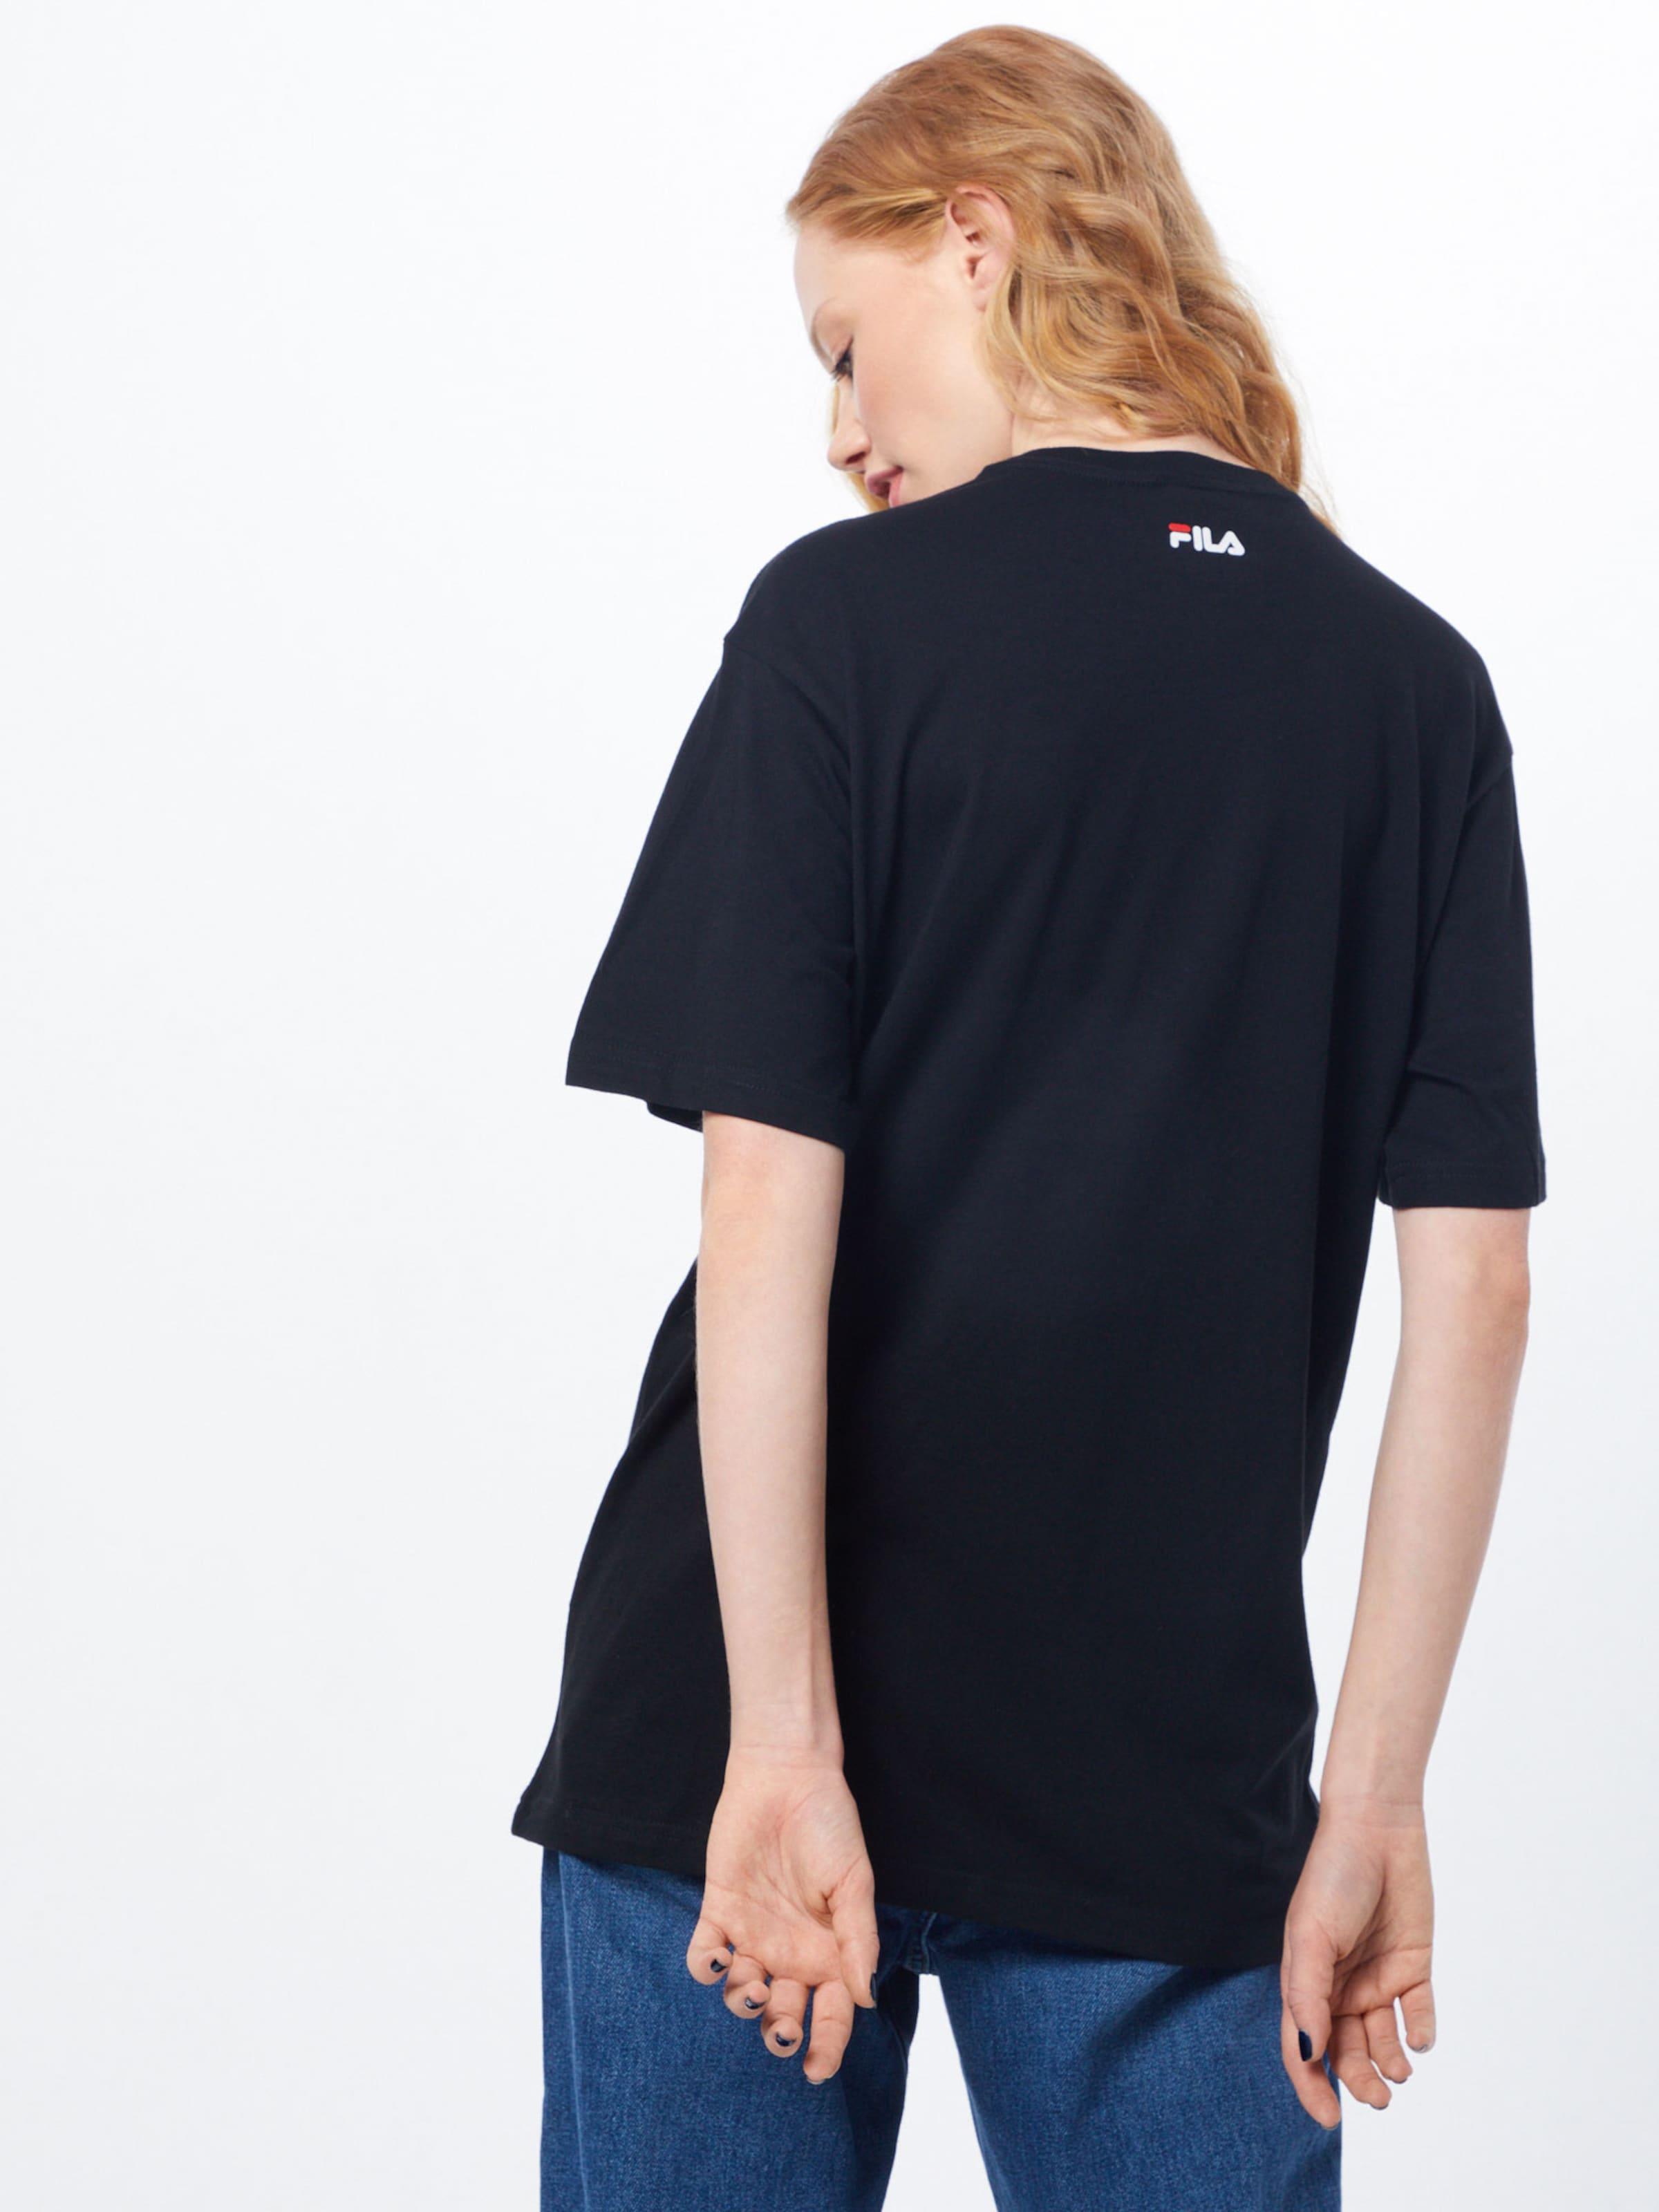 Fila Shirt Shirt 'pure' In 'pure' 'pure' Schwarz Fila Schwarz Shirt Fila In stCQxrBhd